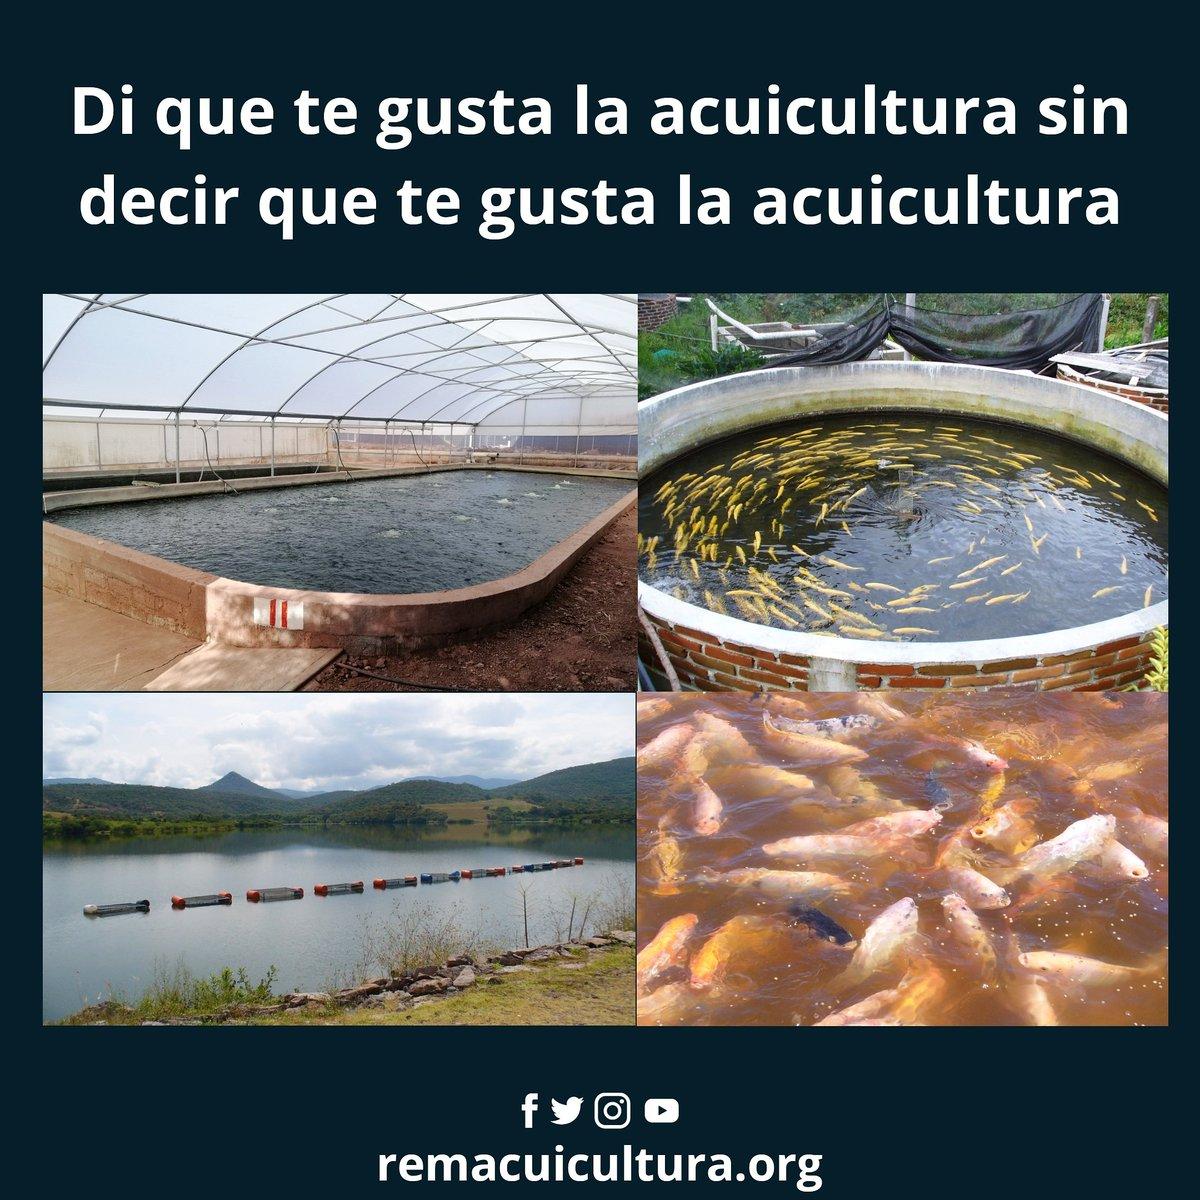 Empezamos: Me gusta el único sector agroalimentario que será capaz de satisfacer la demanda de alimentos en el futuro.  #aquaculture #aquicultura #acuicultura #acuacultura #instacuicultura #instagood #fishfarm #fishpond #granjasacuicolas #peces #cultivodepeces #amolaacuicultura